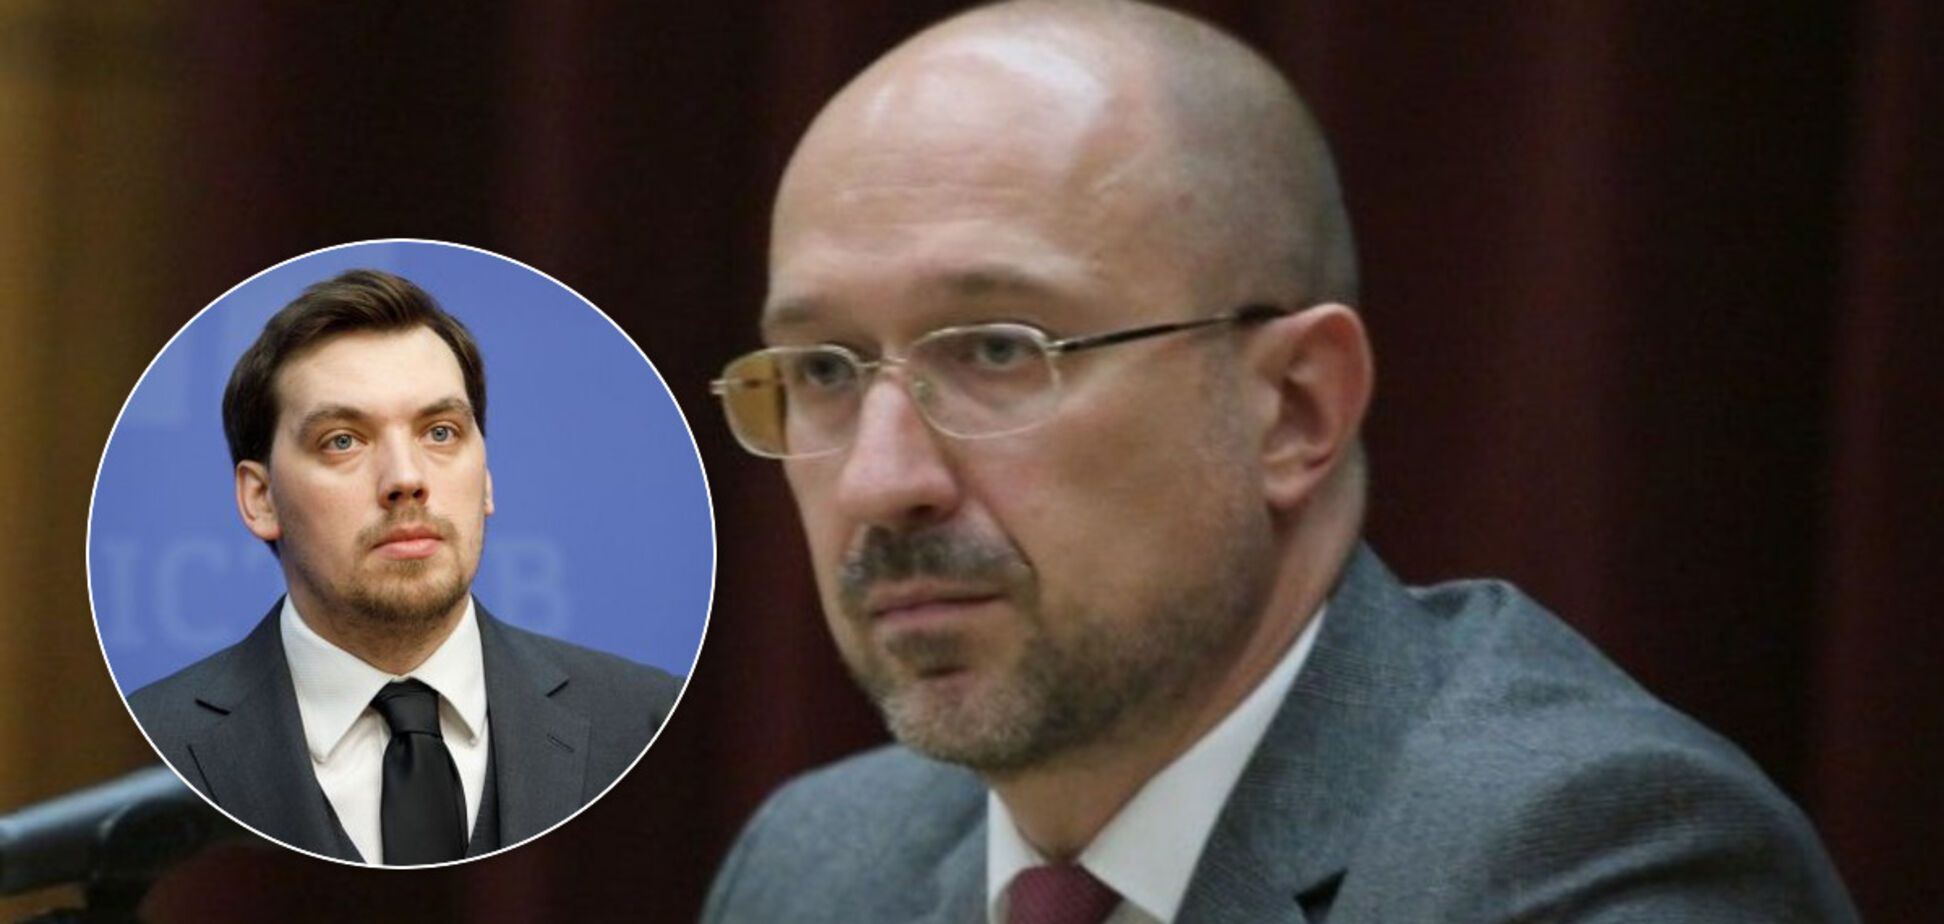 Кабмин Шмыгаля: как новый премьер изменит жизнь украинцев